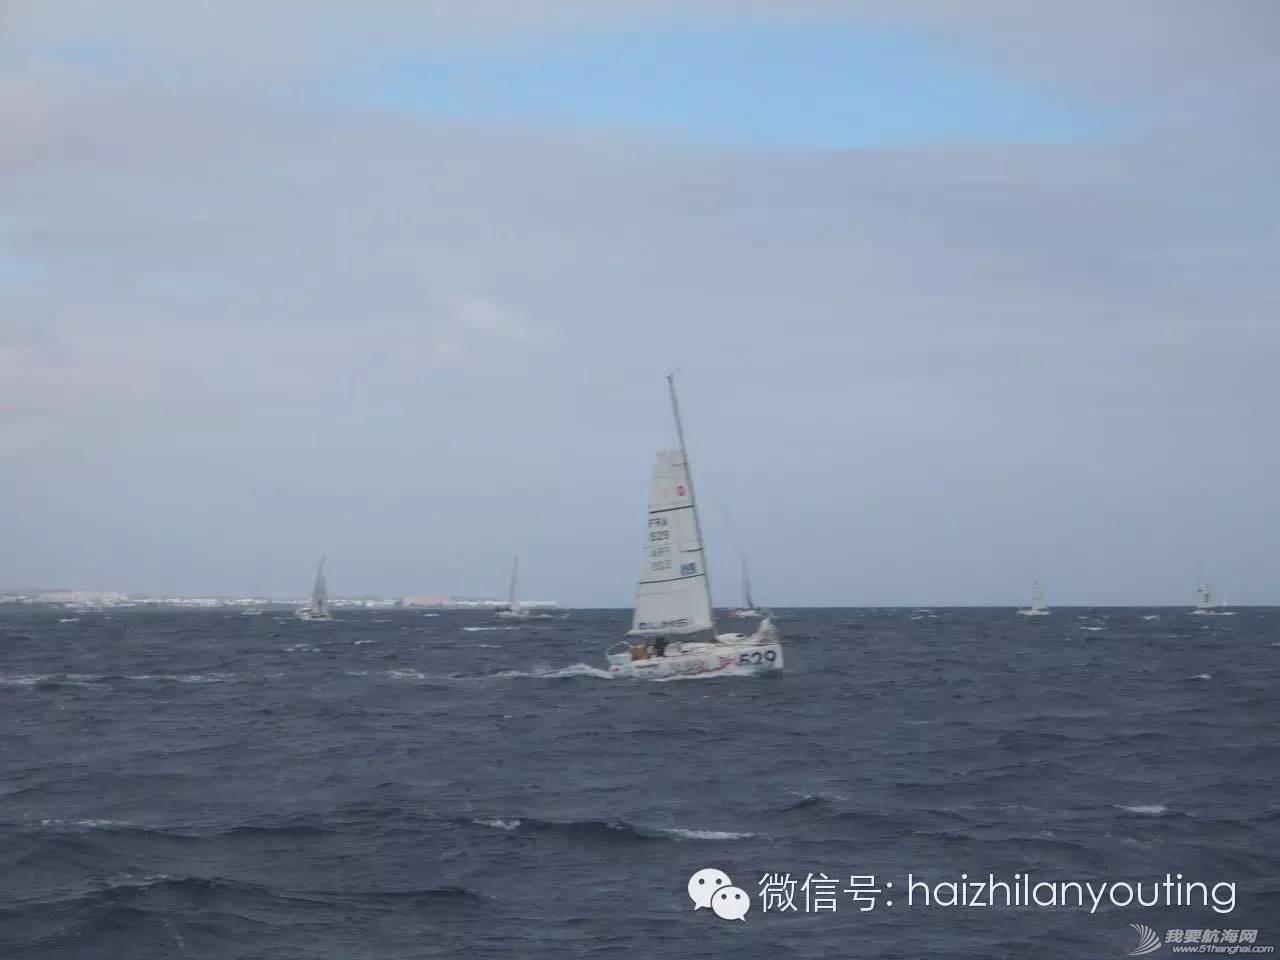 大西洋,中国海,朋友,决战 京坤在MINI TRANSAT | Mini transat第二赛段起航,决战大西洋 f8e2026784ce362bad894152cebec570.jpg